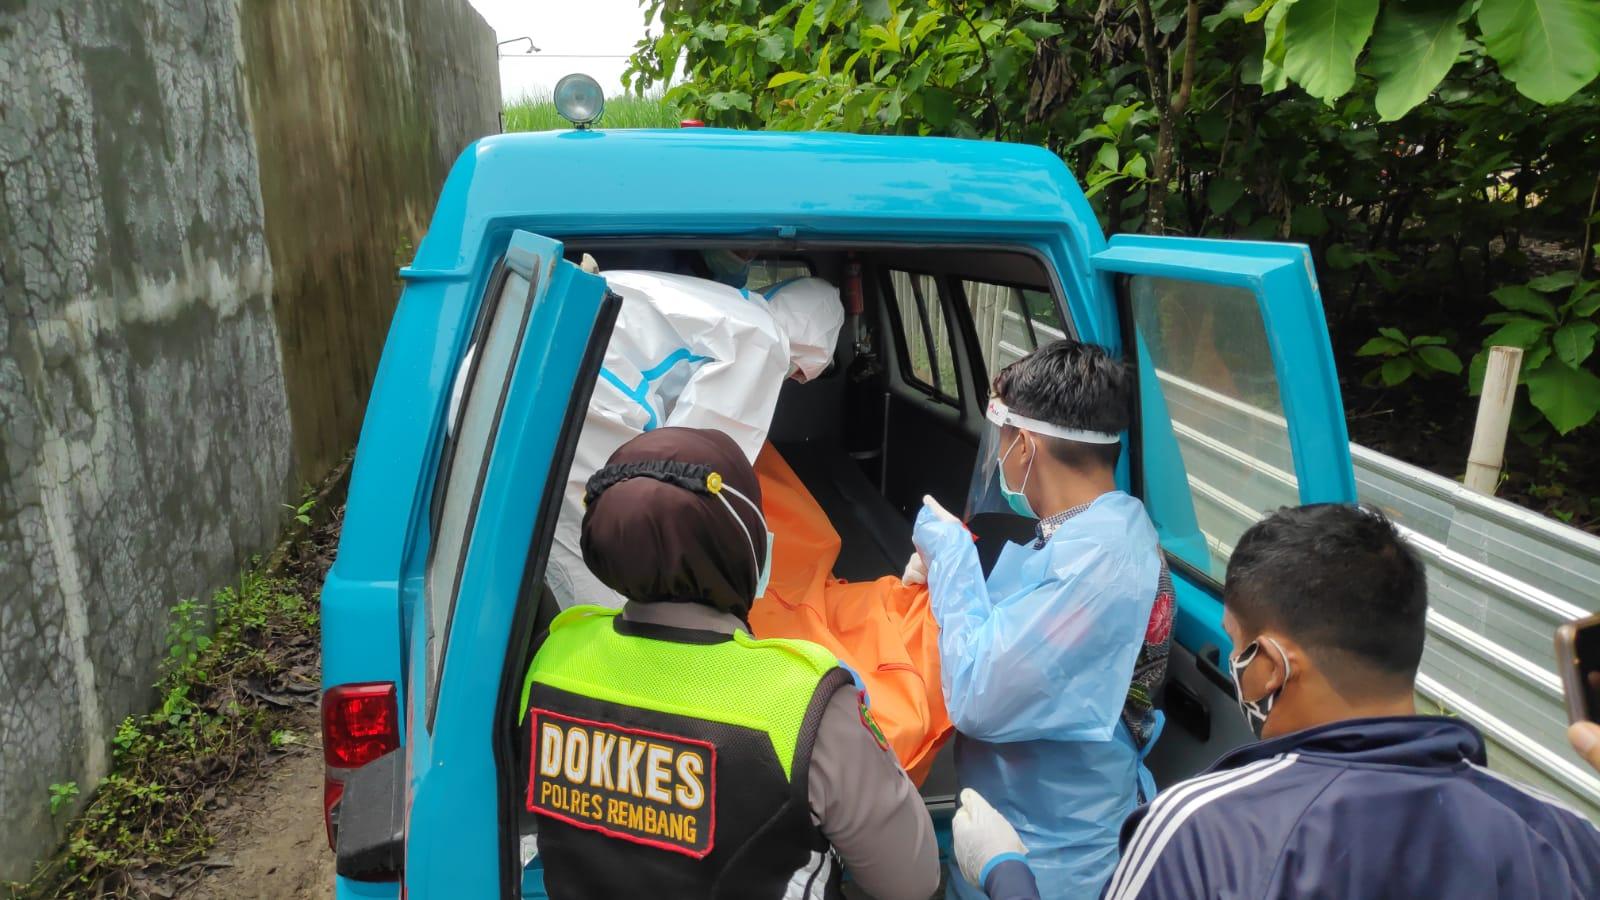 Dokkes Polda Jateng Ungkap Fakta Sadis Pembunuhan Satu Keluarga di Rembang